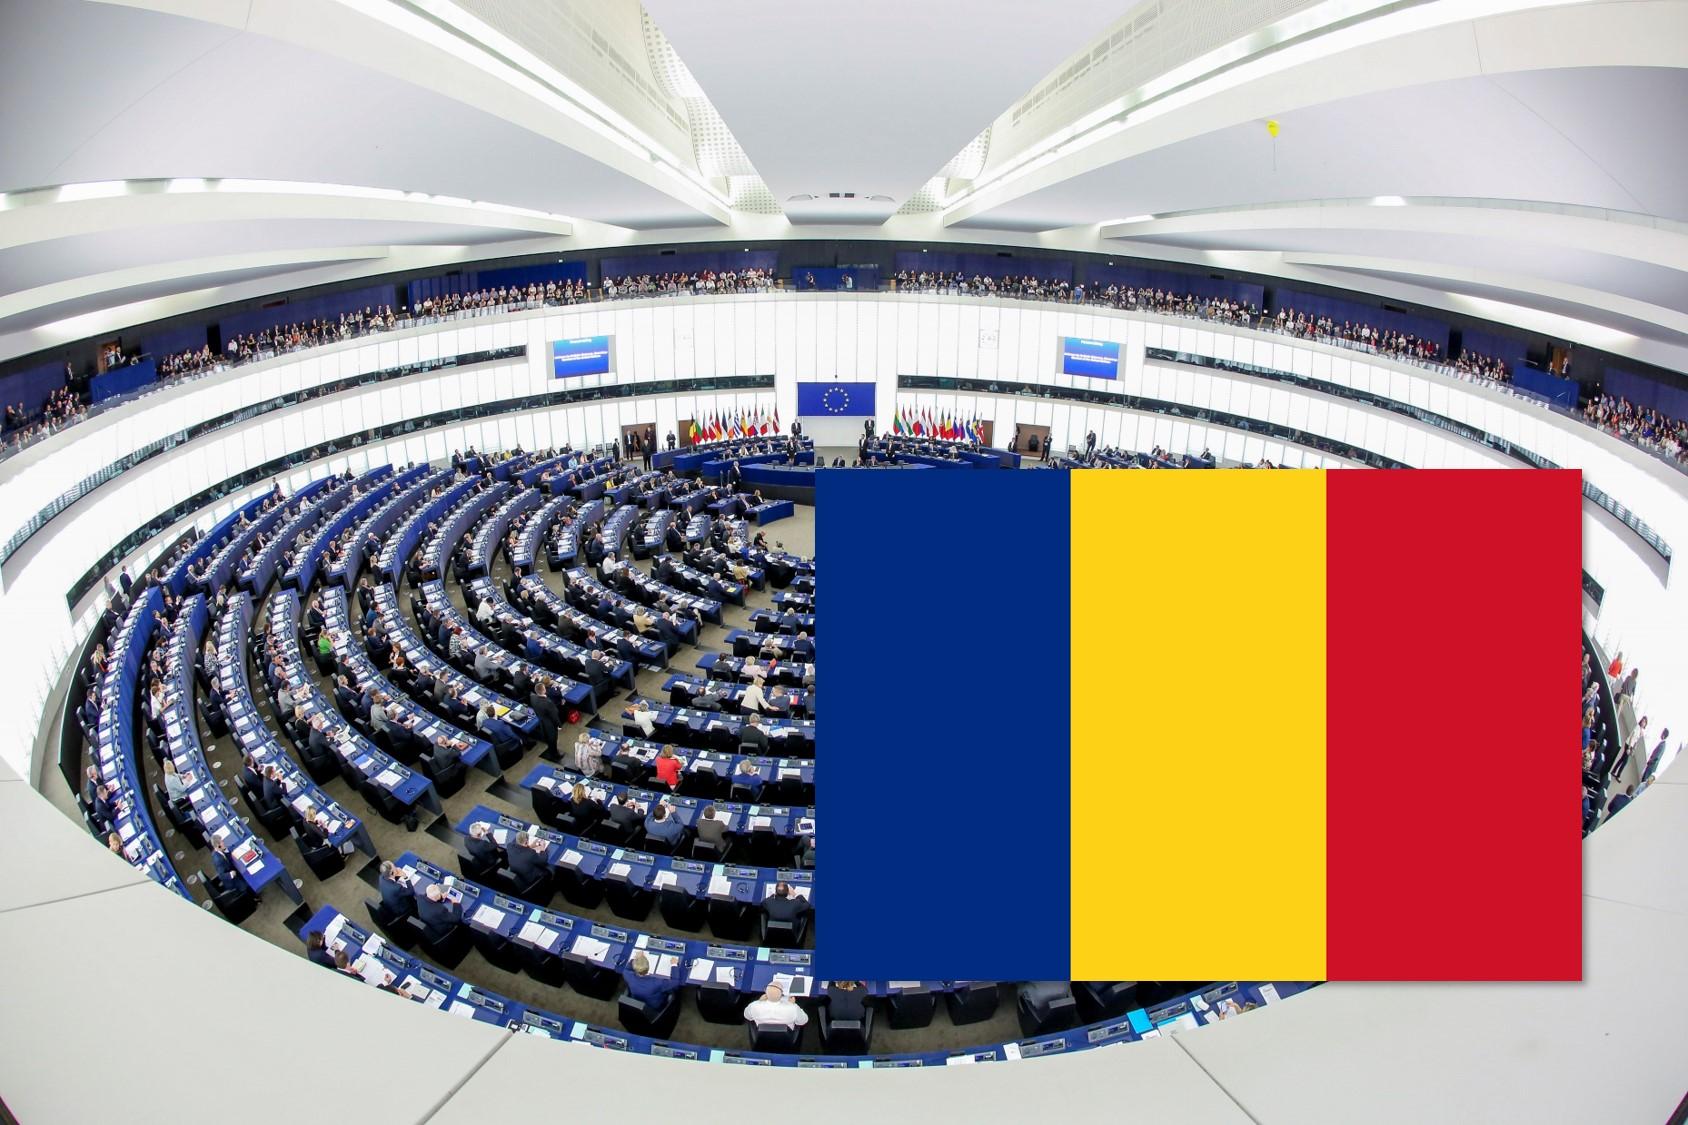 più popolare sito di incontri Romania come iniziare ad uscire a 50